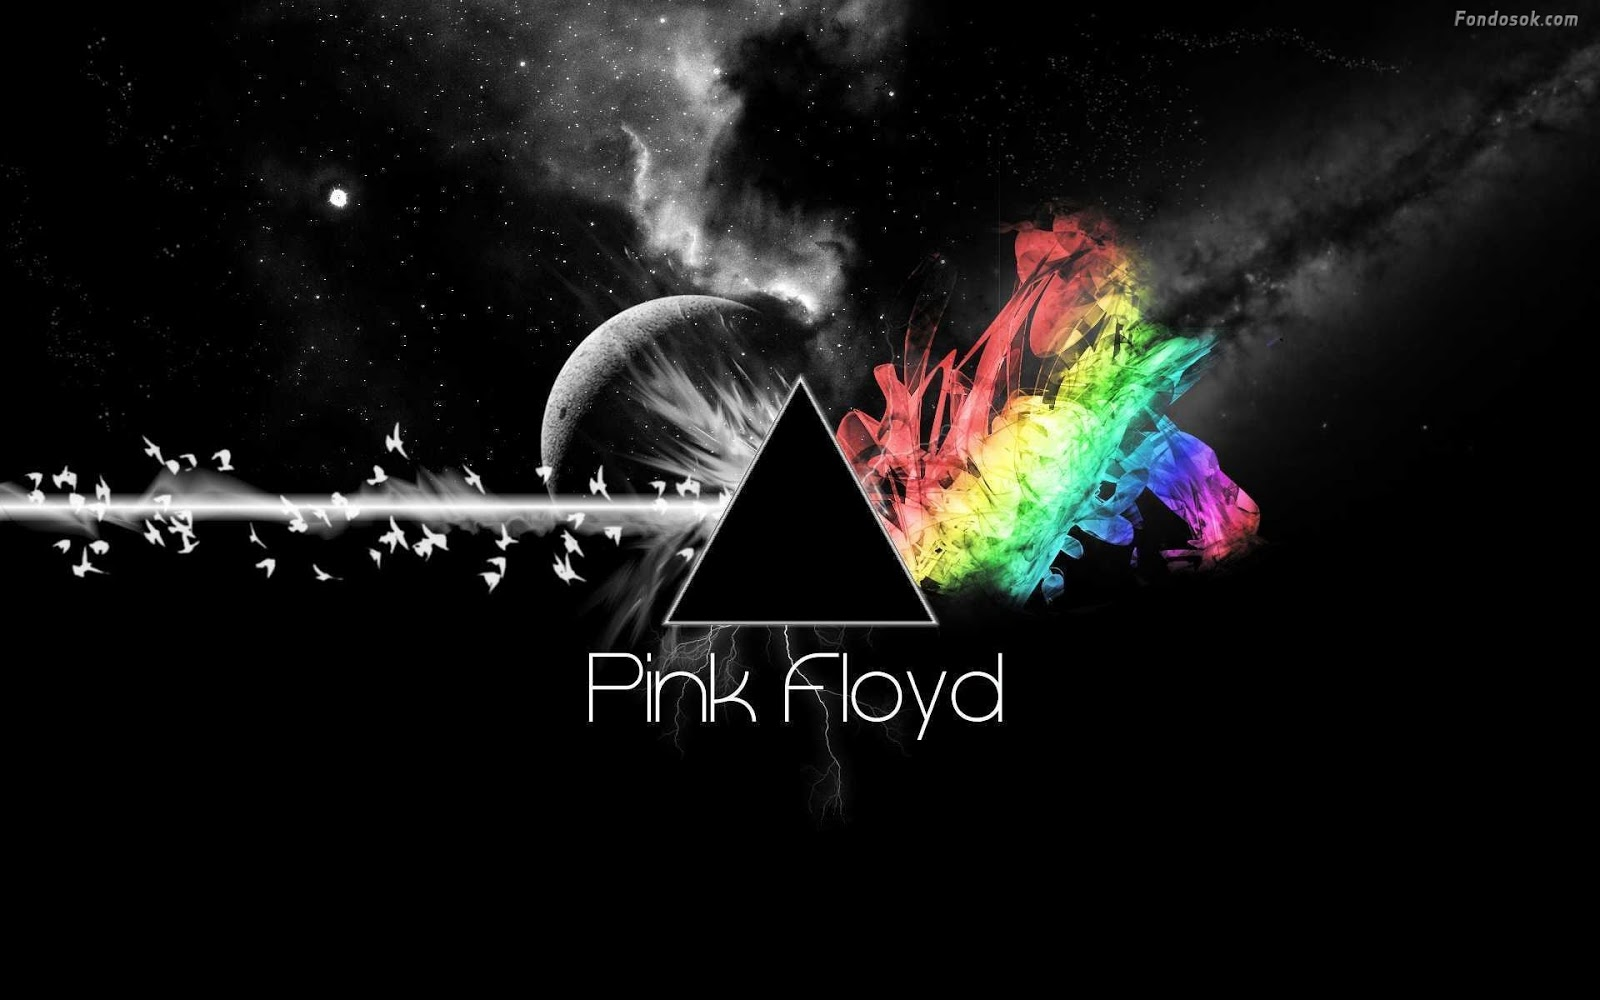 http://4.bp.blogspot.com/-s7sSau_bKqY/UM5ZuJKTmWI/AAAAAAAAVM0/1KgMtv4bH2k/s1600/wallpaper-pink-floyd-679+Creativo+arte+dise%C3%B1o+-+fondowallpaper.blogspot.com.jpg